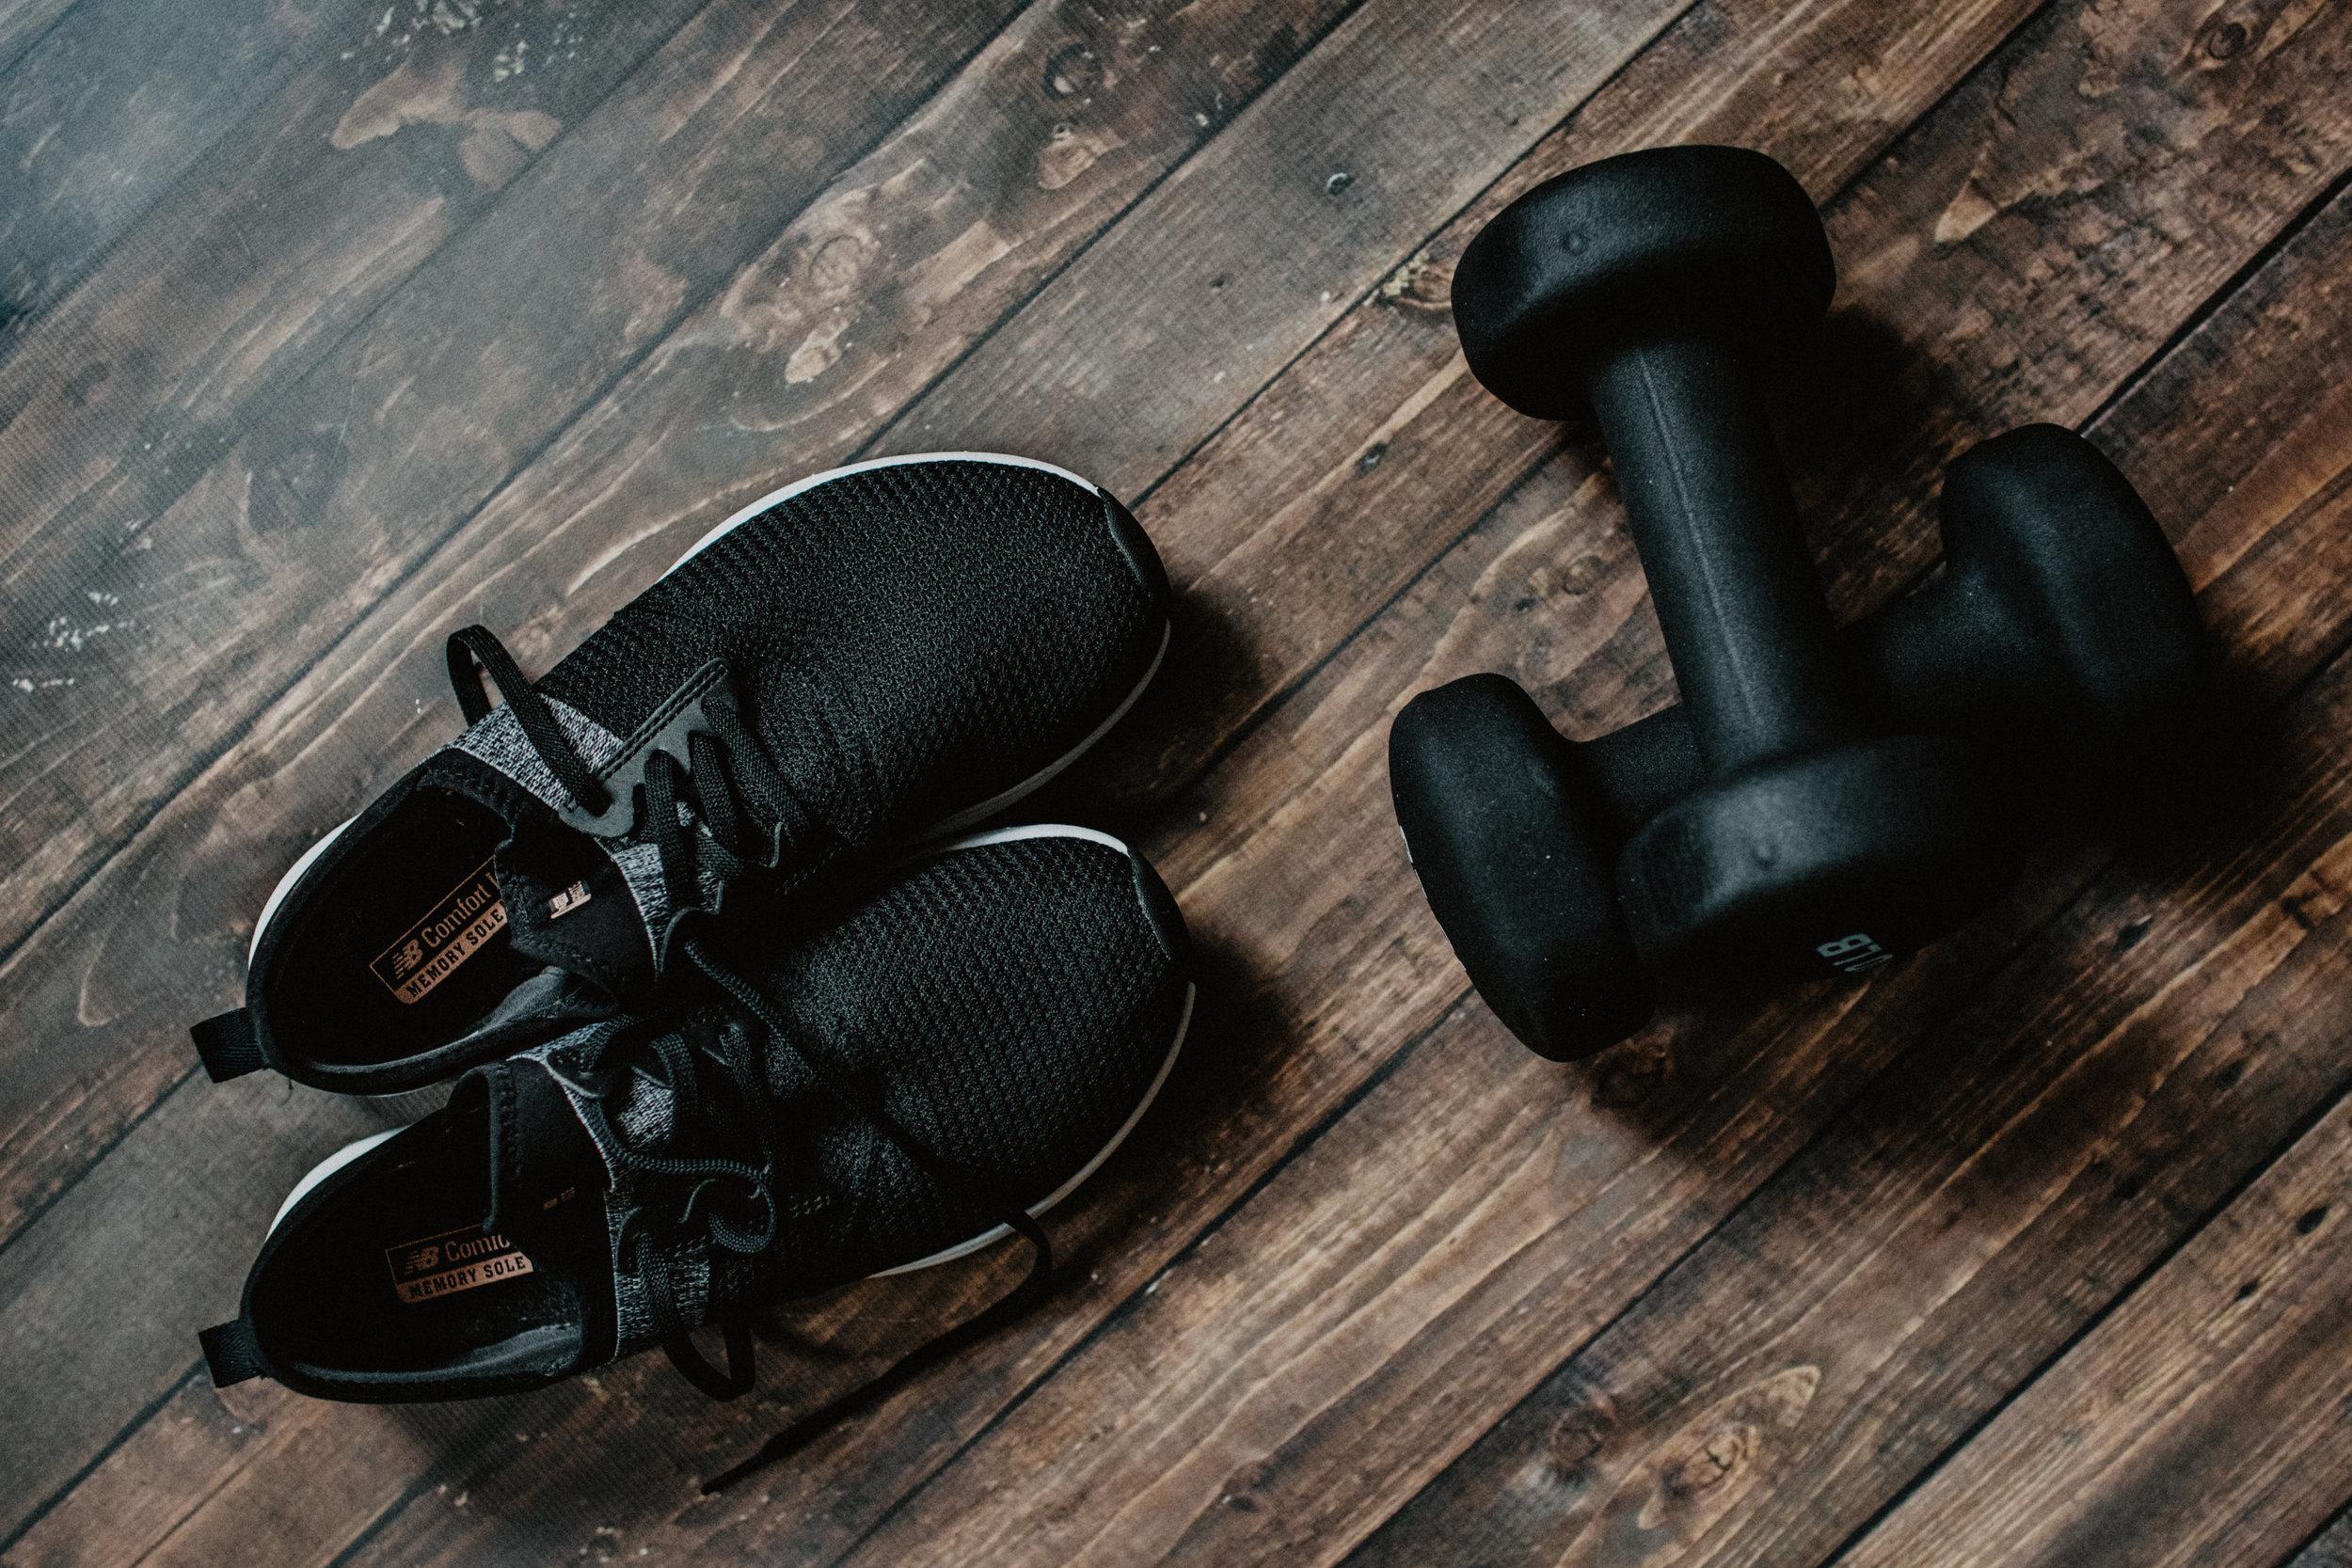 My Home Gym Setup -